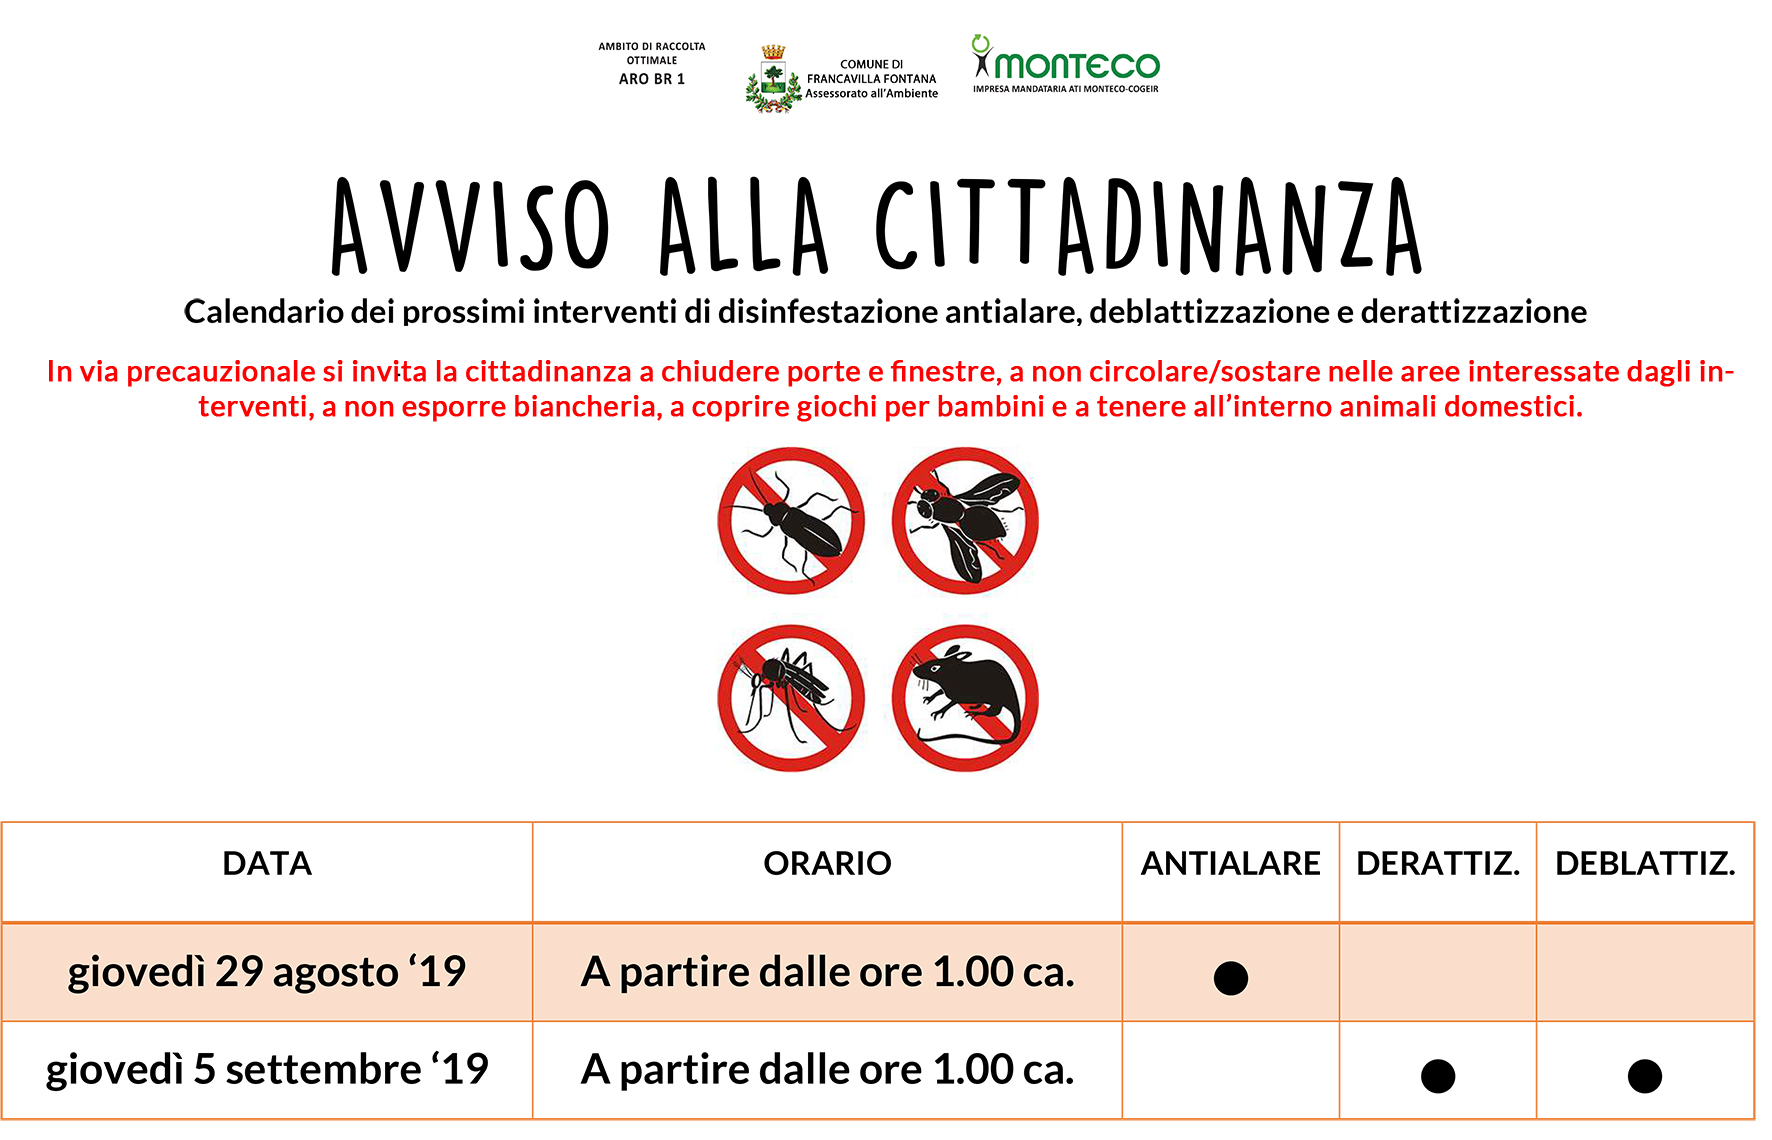 Francavilla Fonana. Calendario dei prossimi interventi di disinfestazione antialare, deblattizzazione e derattizzazione